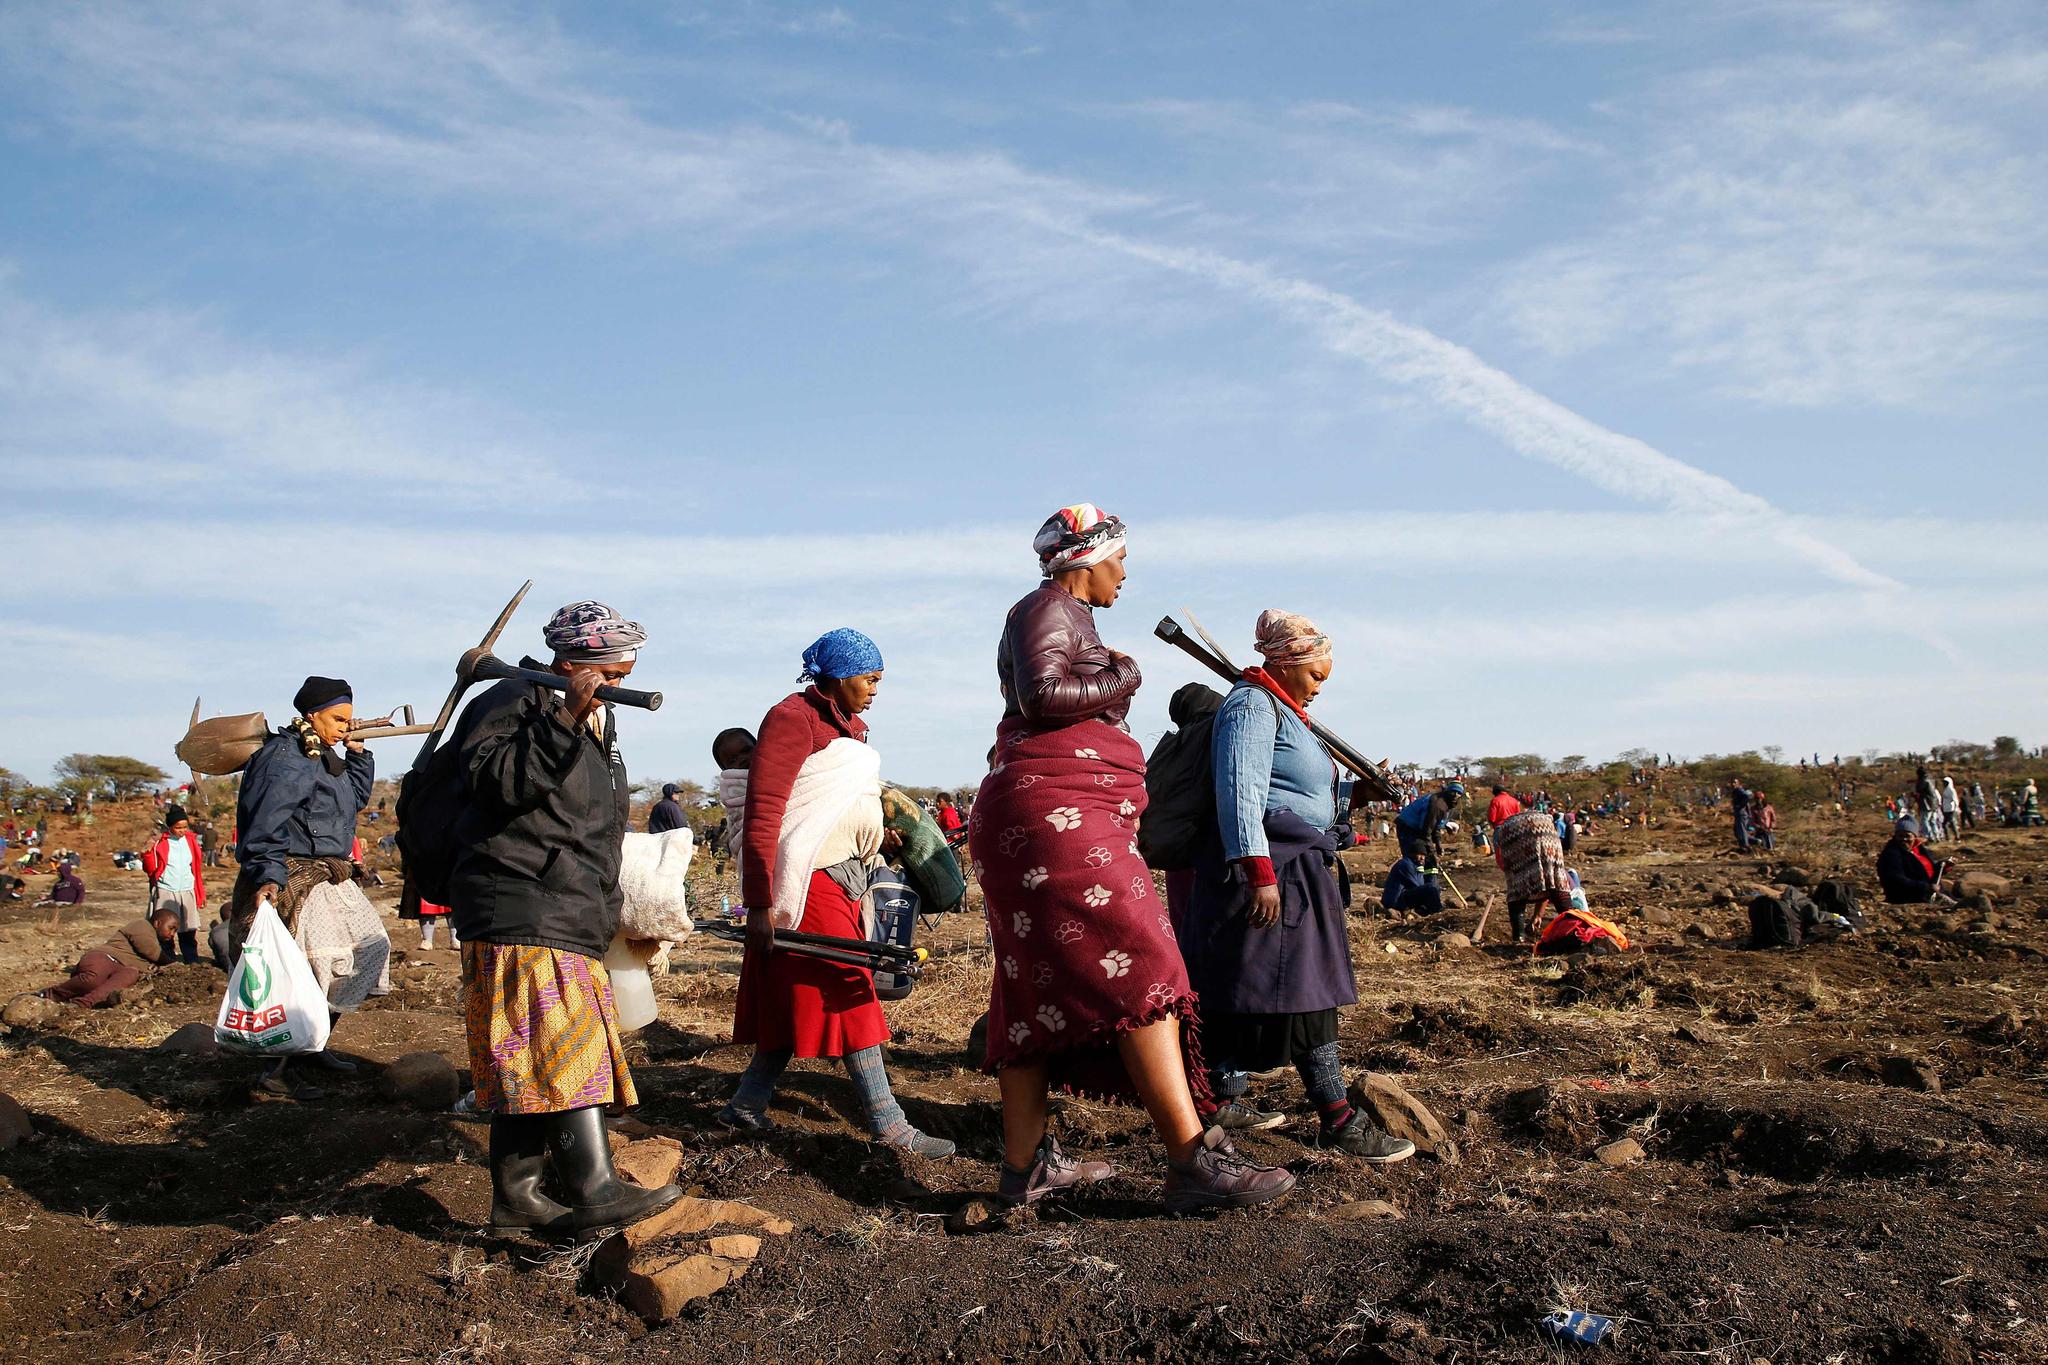 남아프리카공화국 콰줄루나탈주 콰흘라티 지역에서 한 무리가 다이아몬드를 찾기 위해 곡괭이로 땅을 파고 있다. AFP=연합뉴스